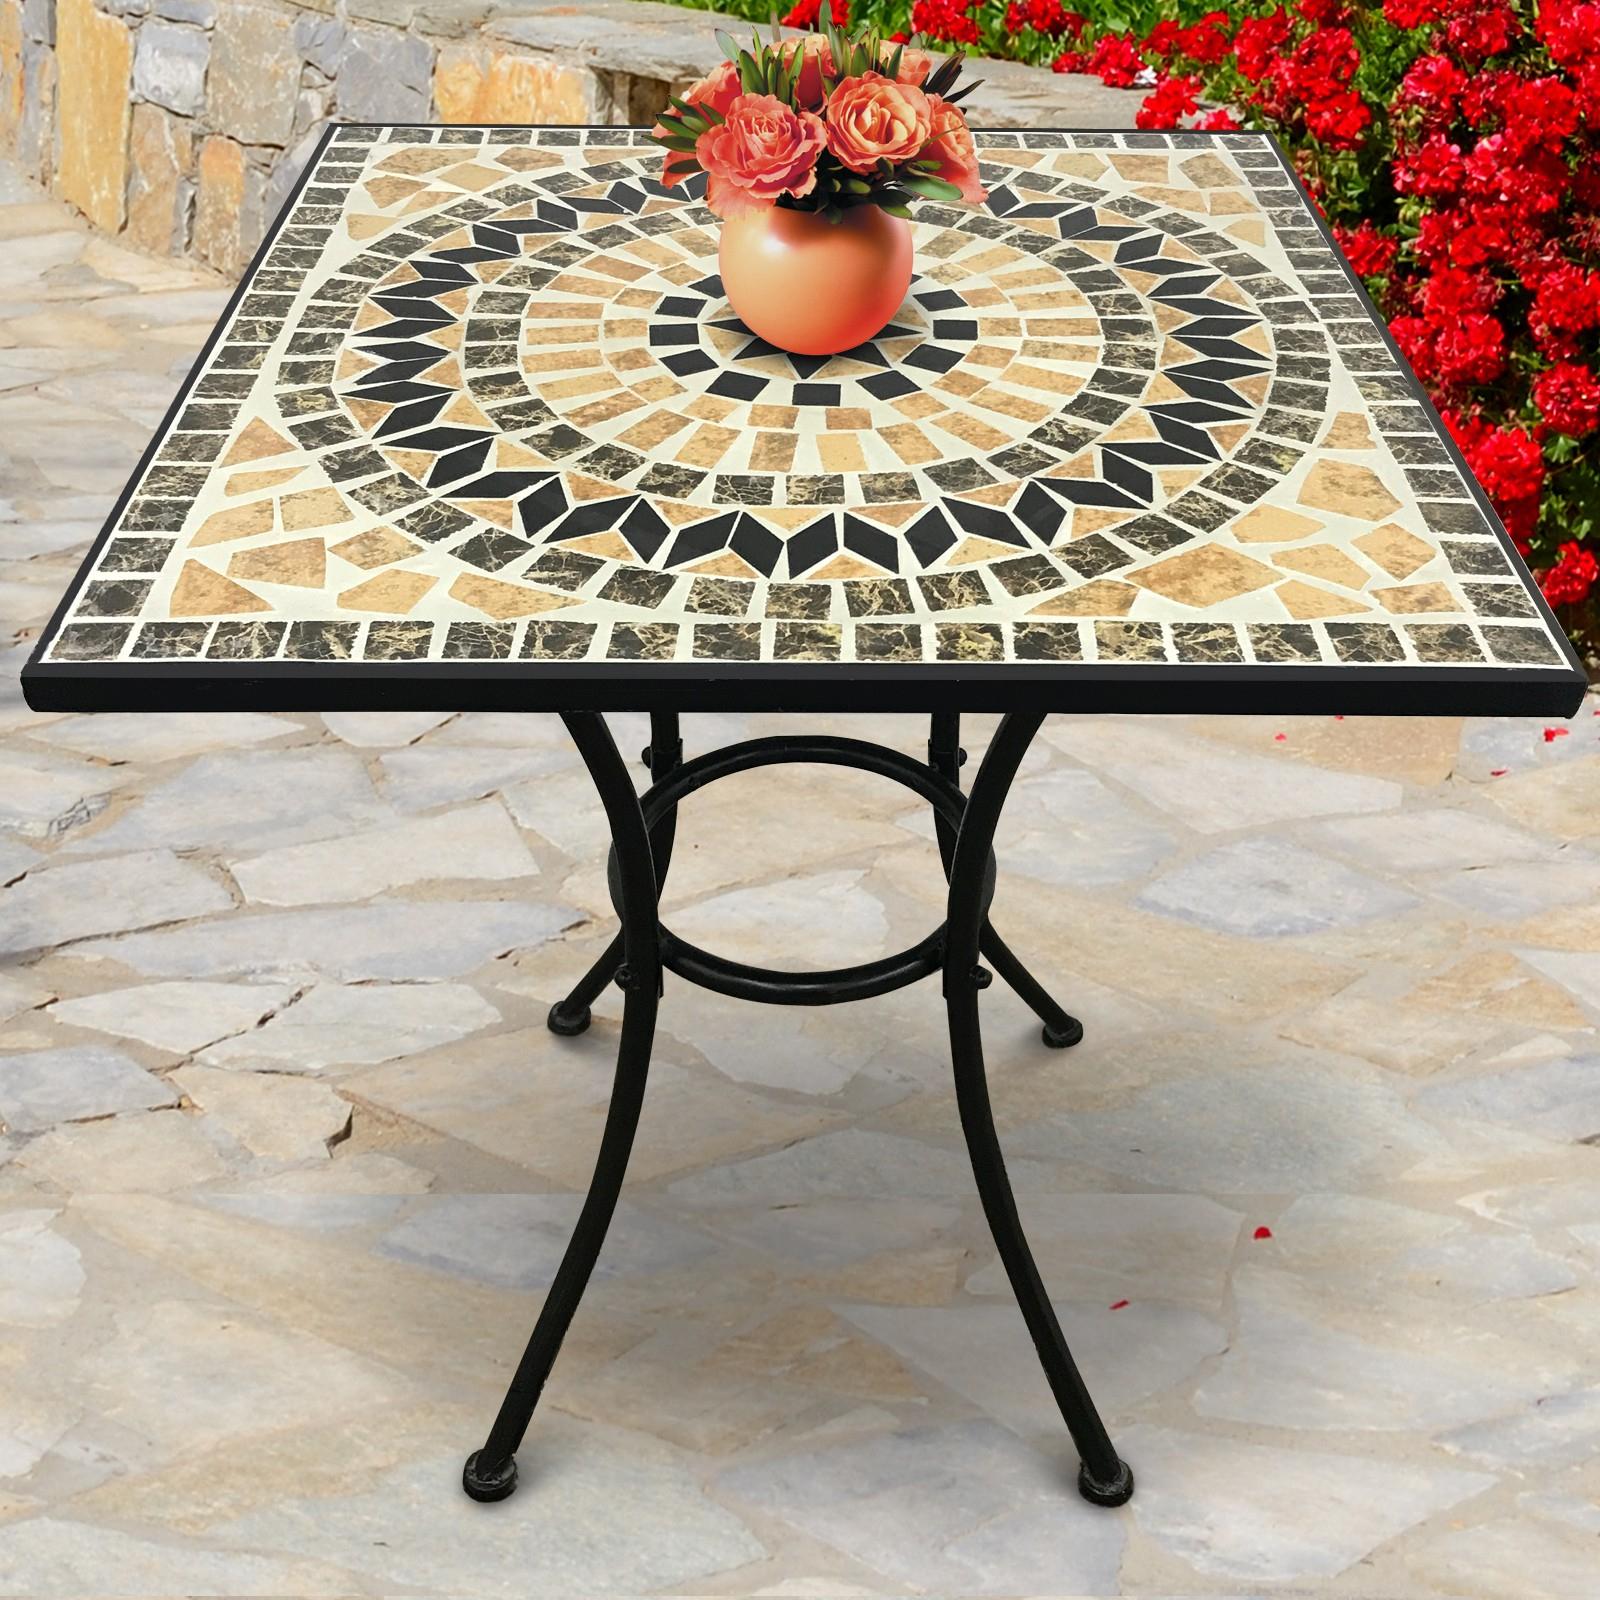 Détails Sur Table De Balcon Mosaïque Guéridon Bistrot Terrasse Jardin  Céramique Metal concernant Table Jardin Ceramique